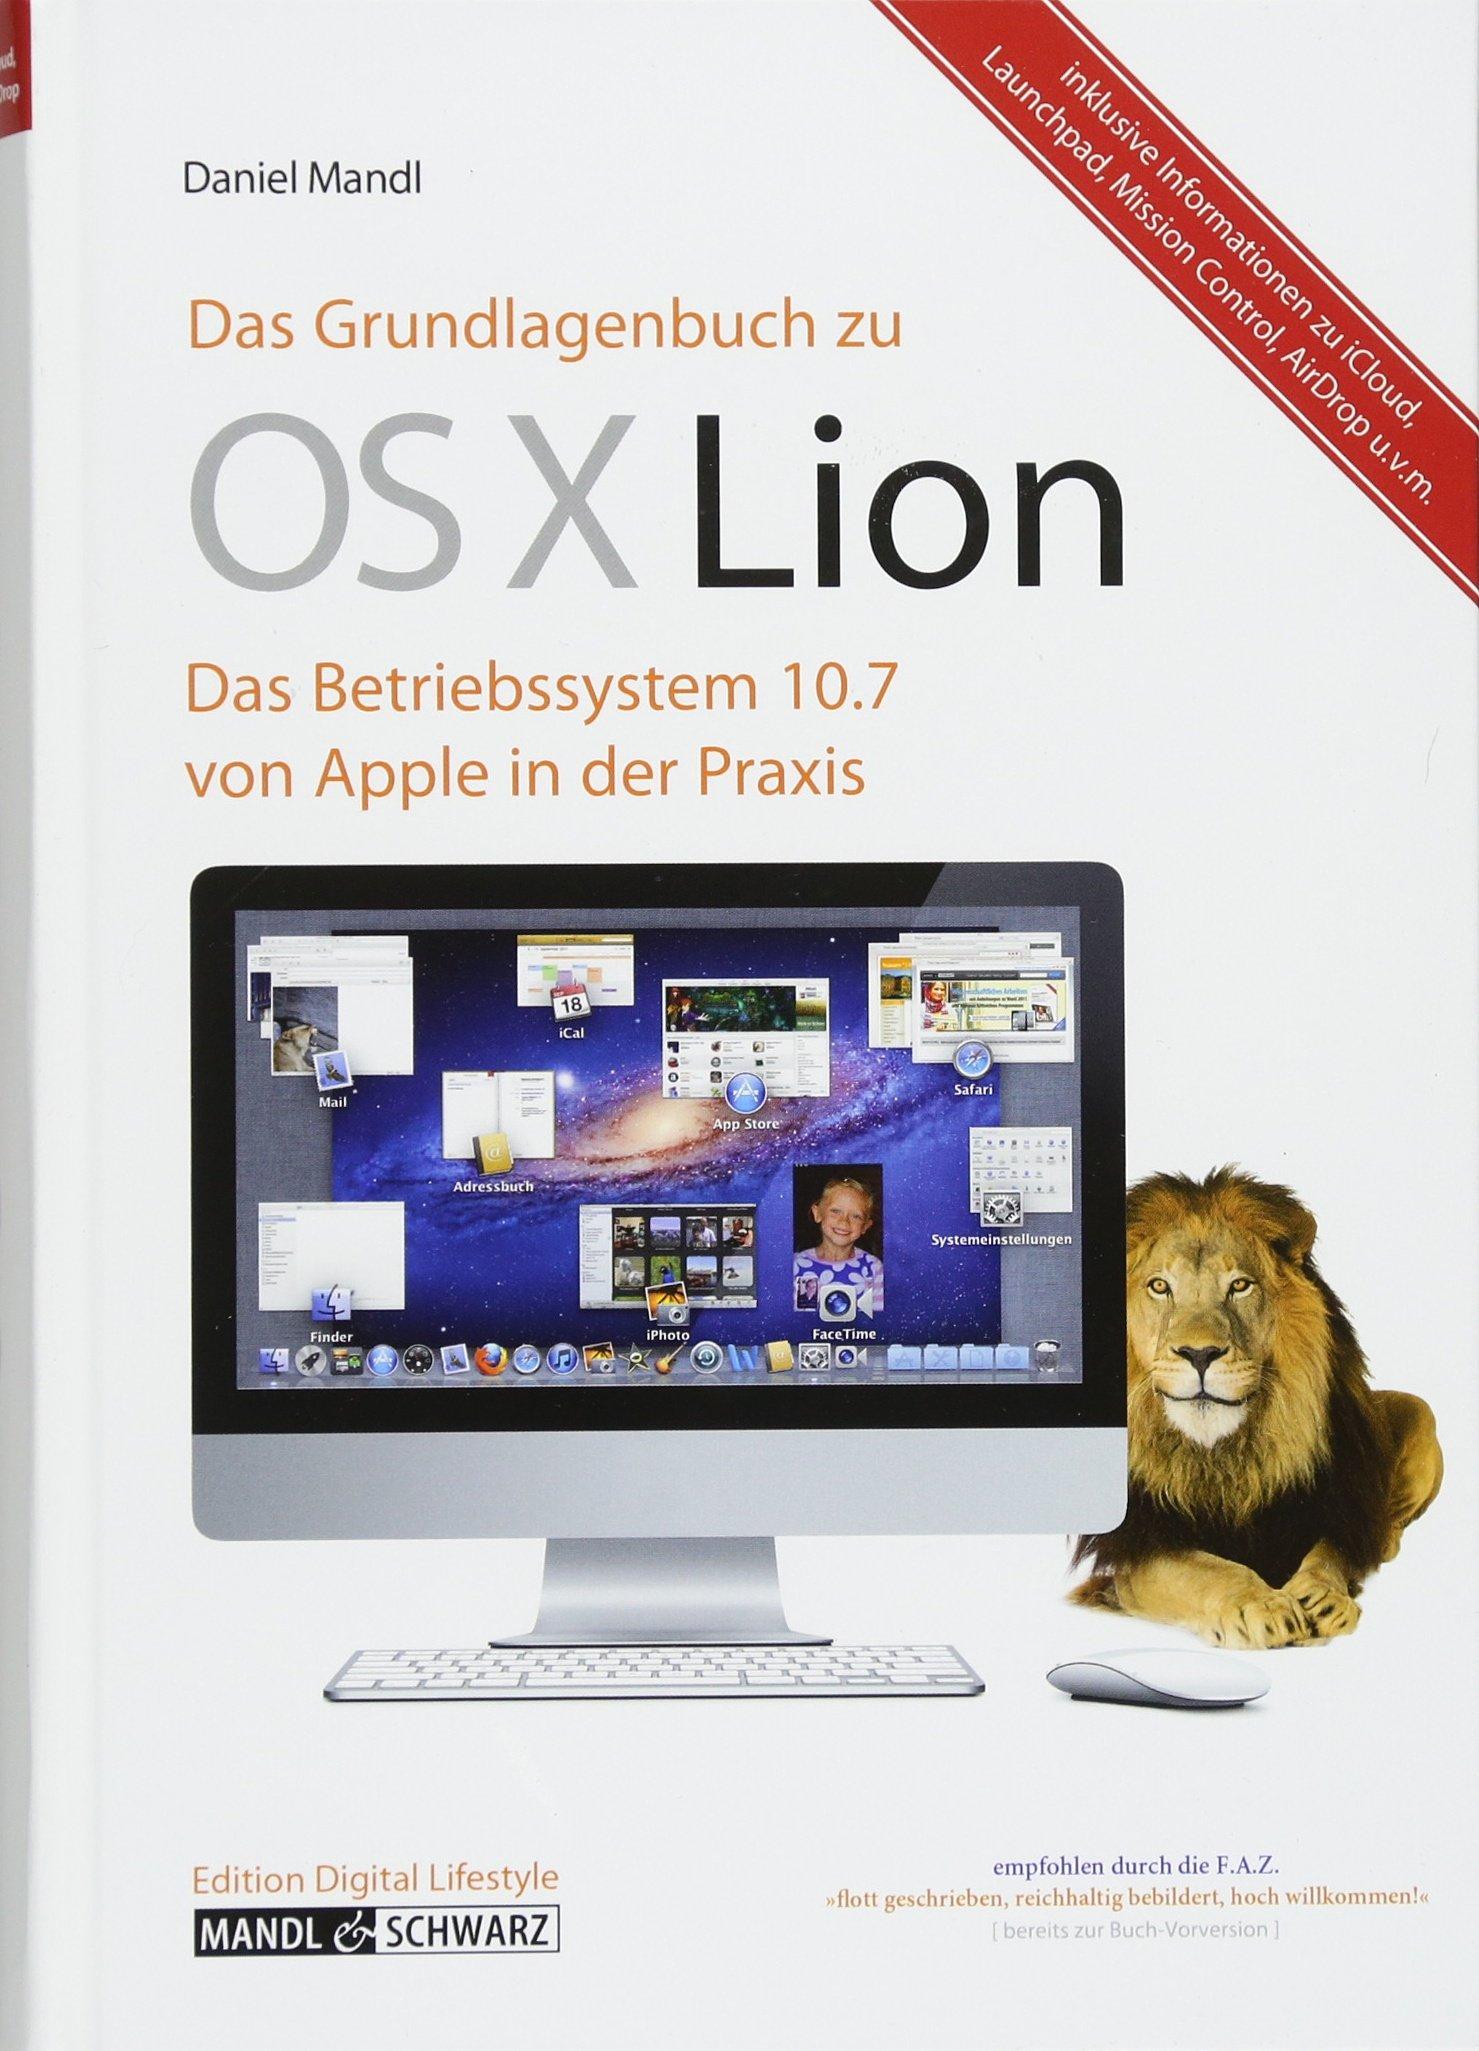 Das Grundlagenbuch zu OS X Lion: Das Betriebssystem 10.7 von Apple in der Praxis Gebundenes Buch – 6. Oktober 2011 Daniel Mandl Mandl & Schwarz 3939685356 19176319